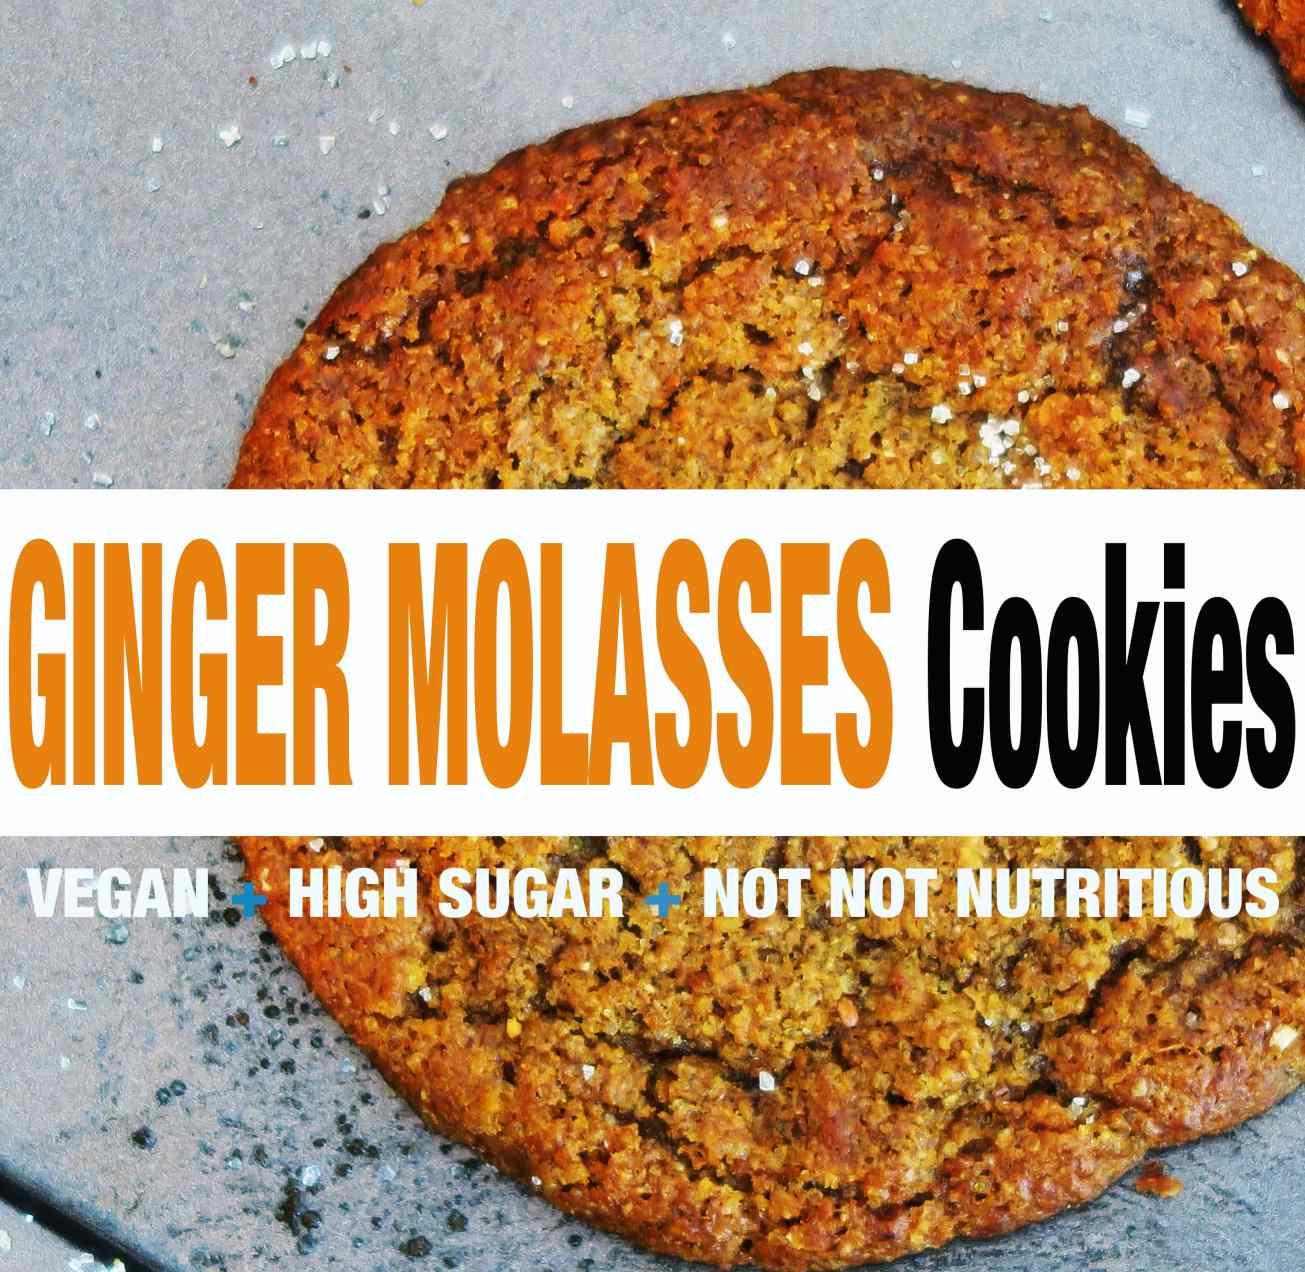 fb_coming_single vegan ginger molasses_cookie_IMG_1167